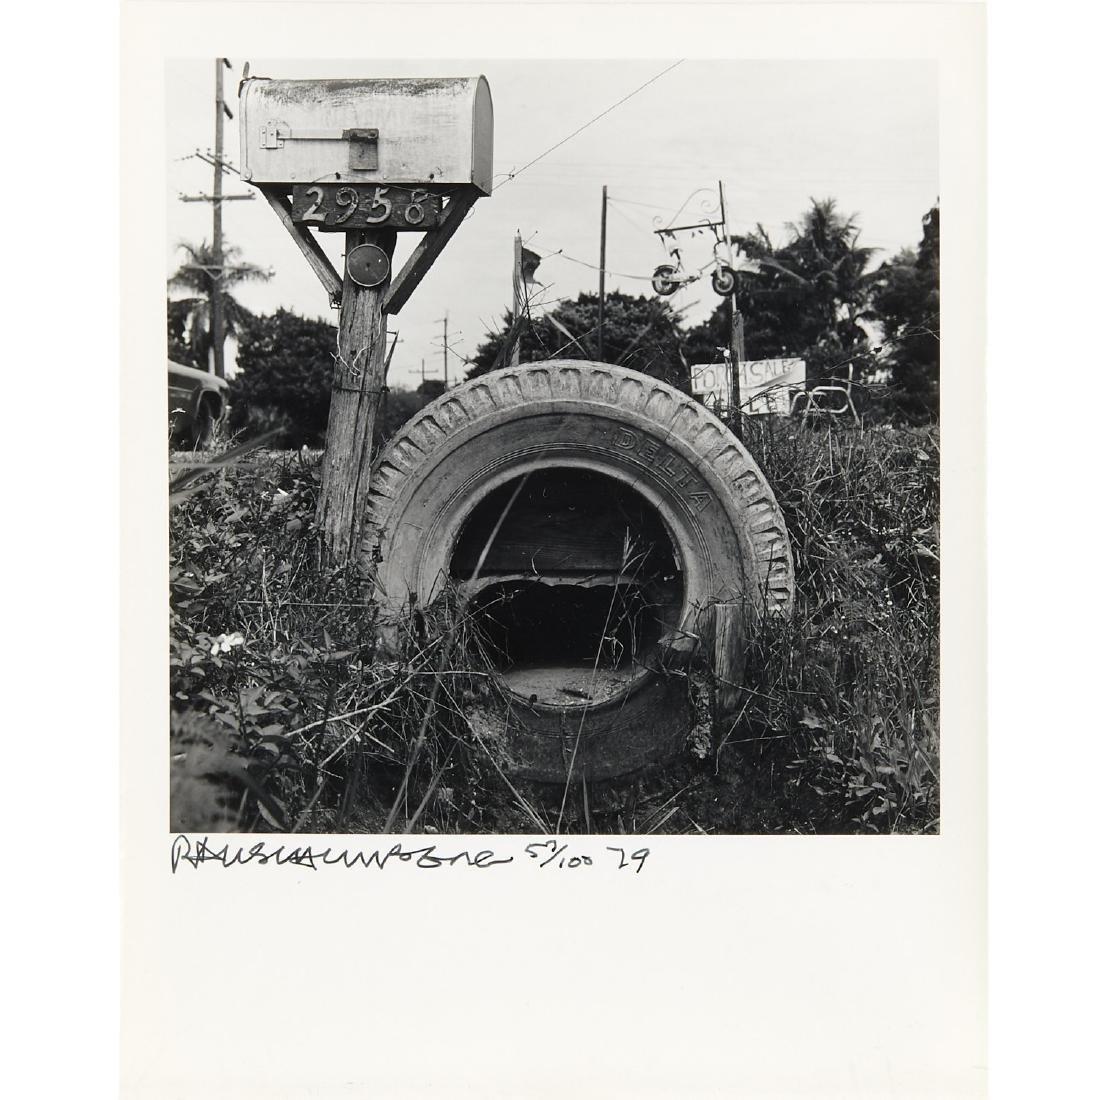 Robert Rauschenberg, photograph